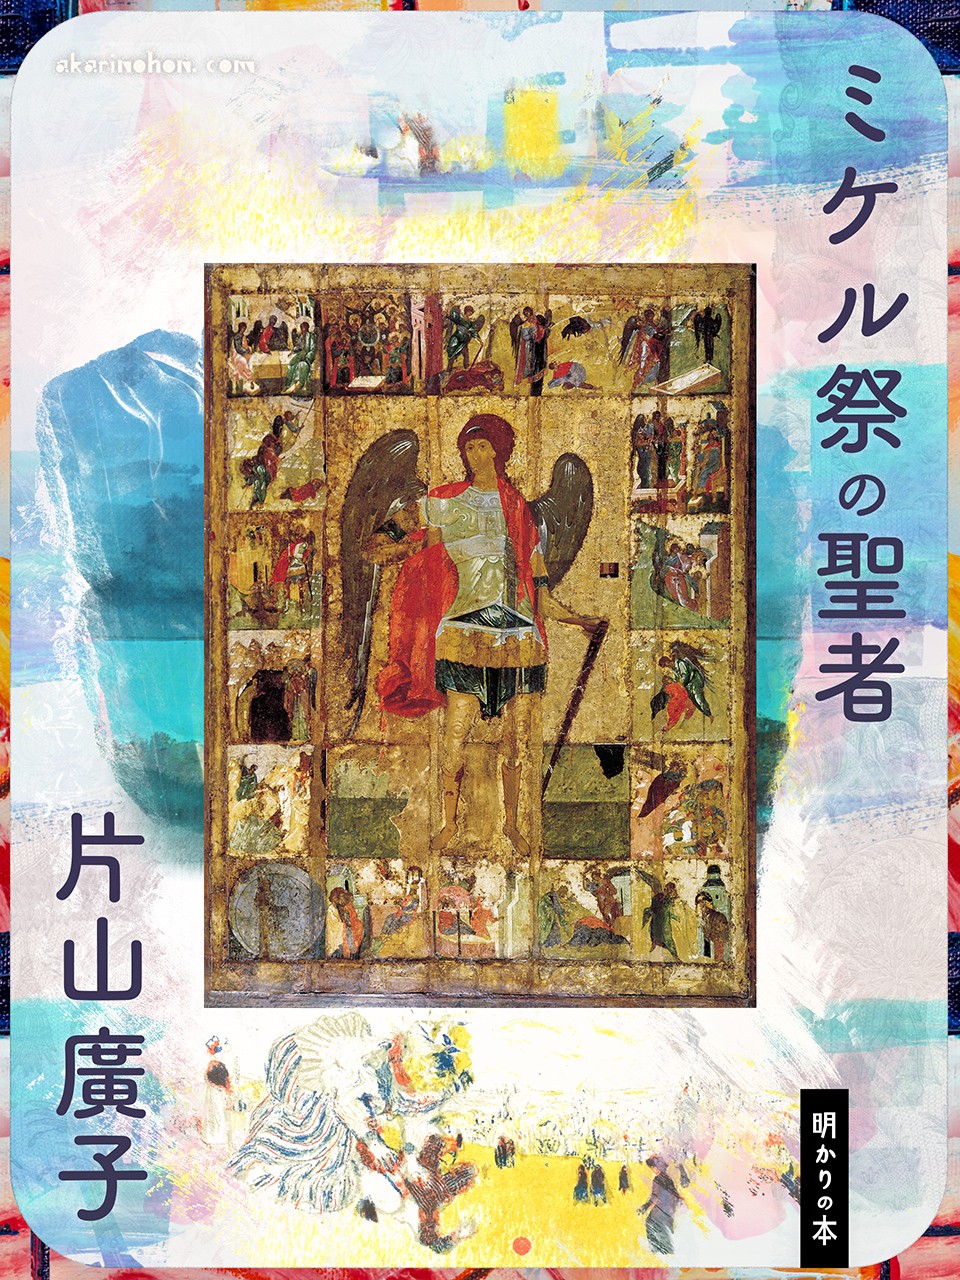 0000 - ミケル祭の聖者 片山廣子